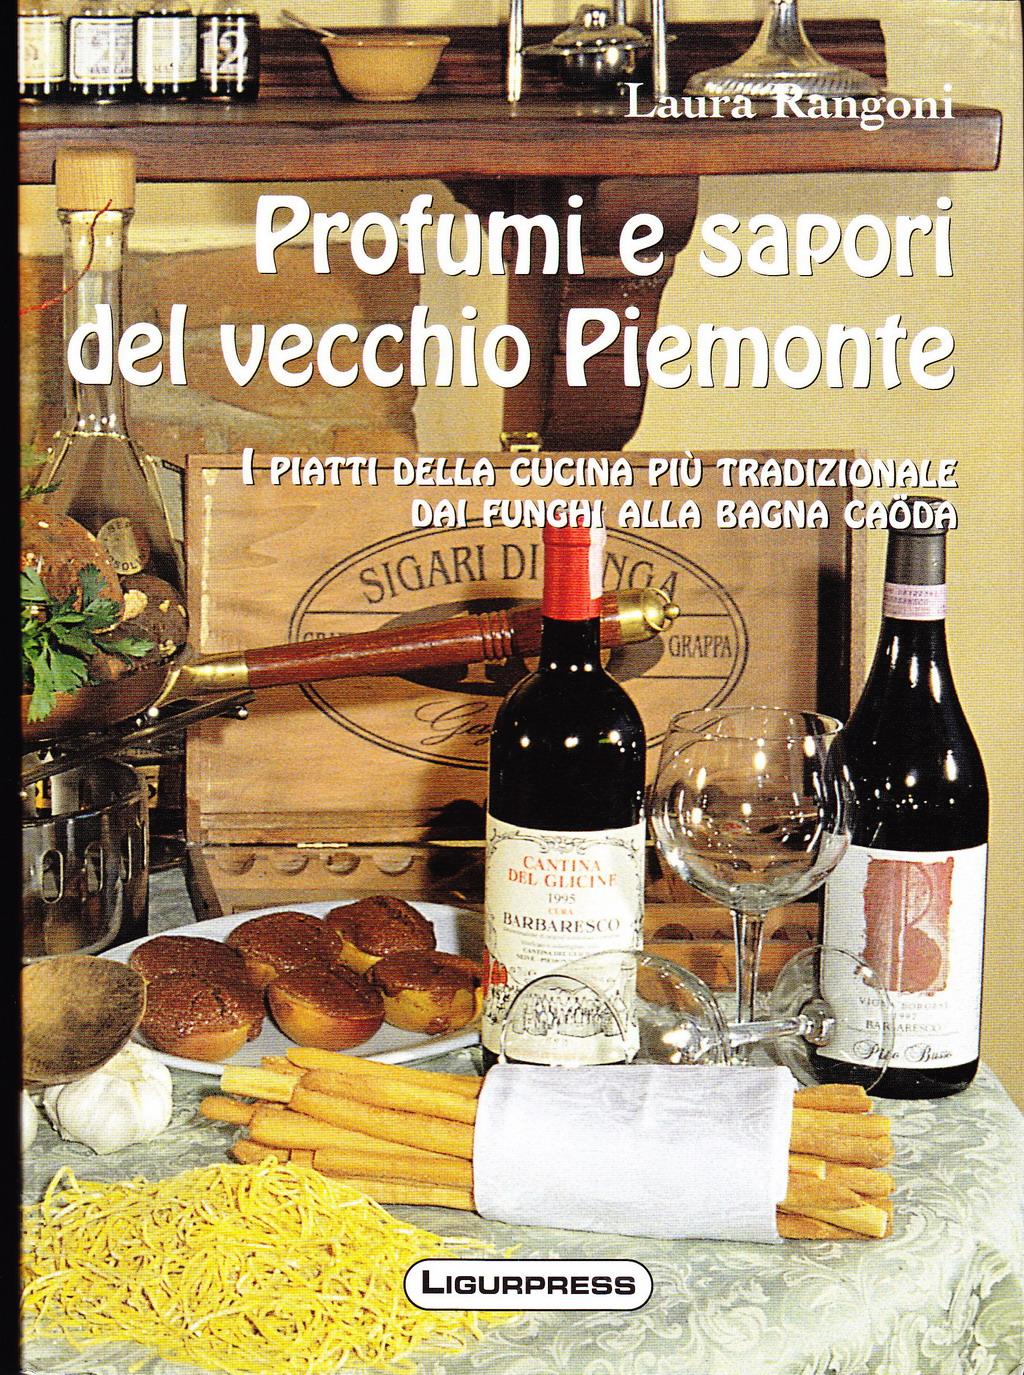 Profumi e sapori del vecchio Piemonte